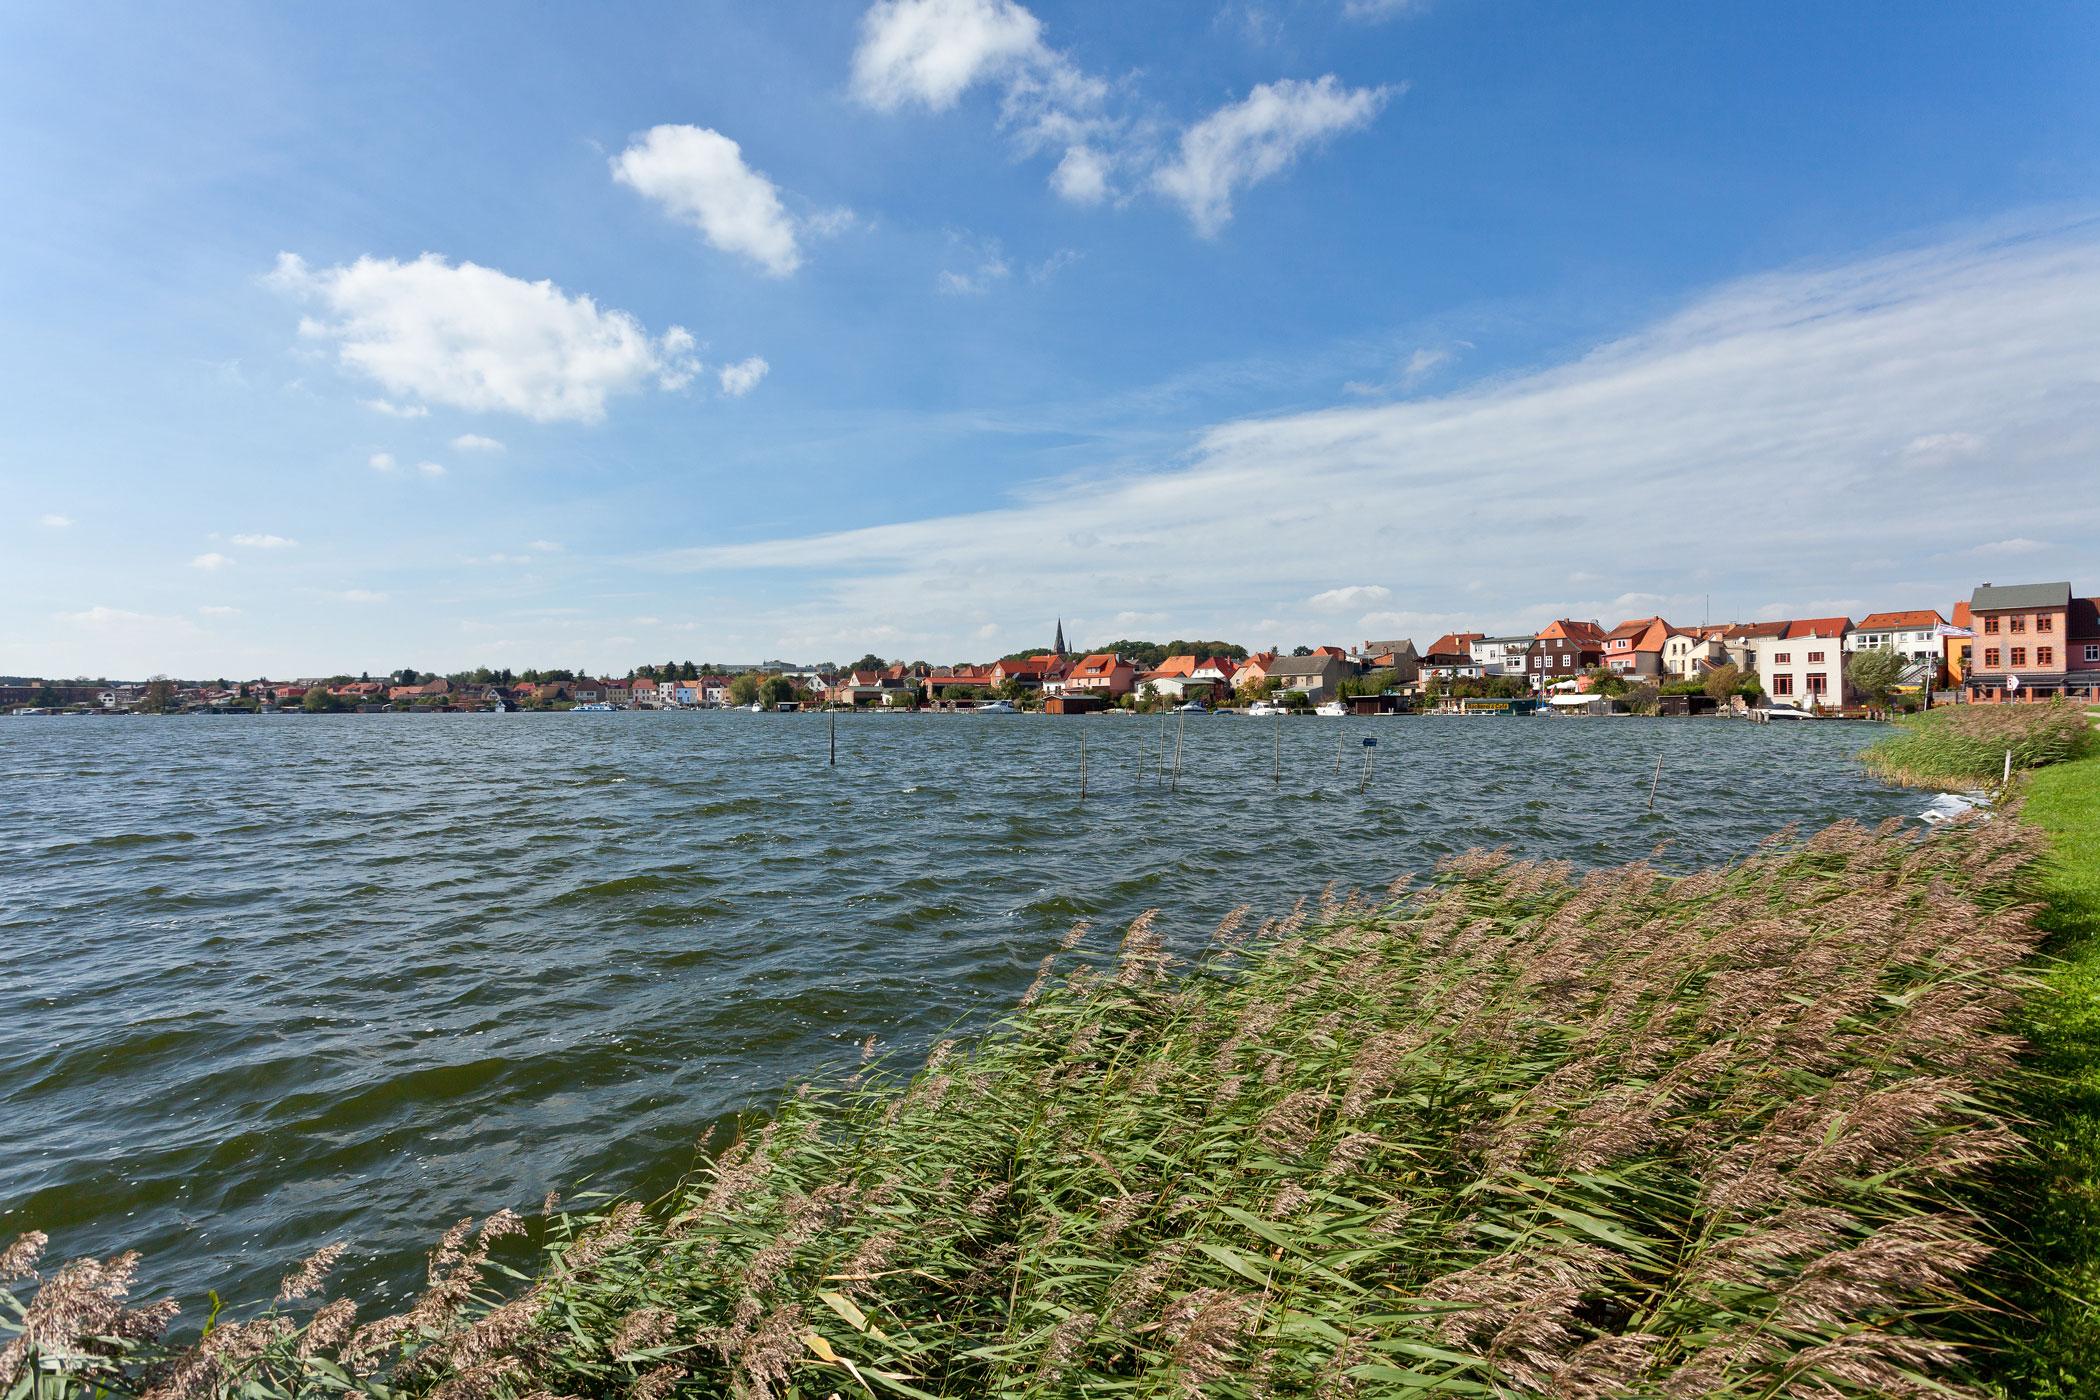 2-Seenfahrt zur Inselstadt Malchow